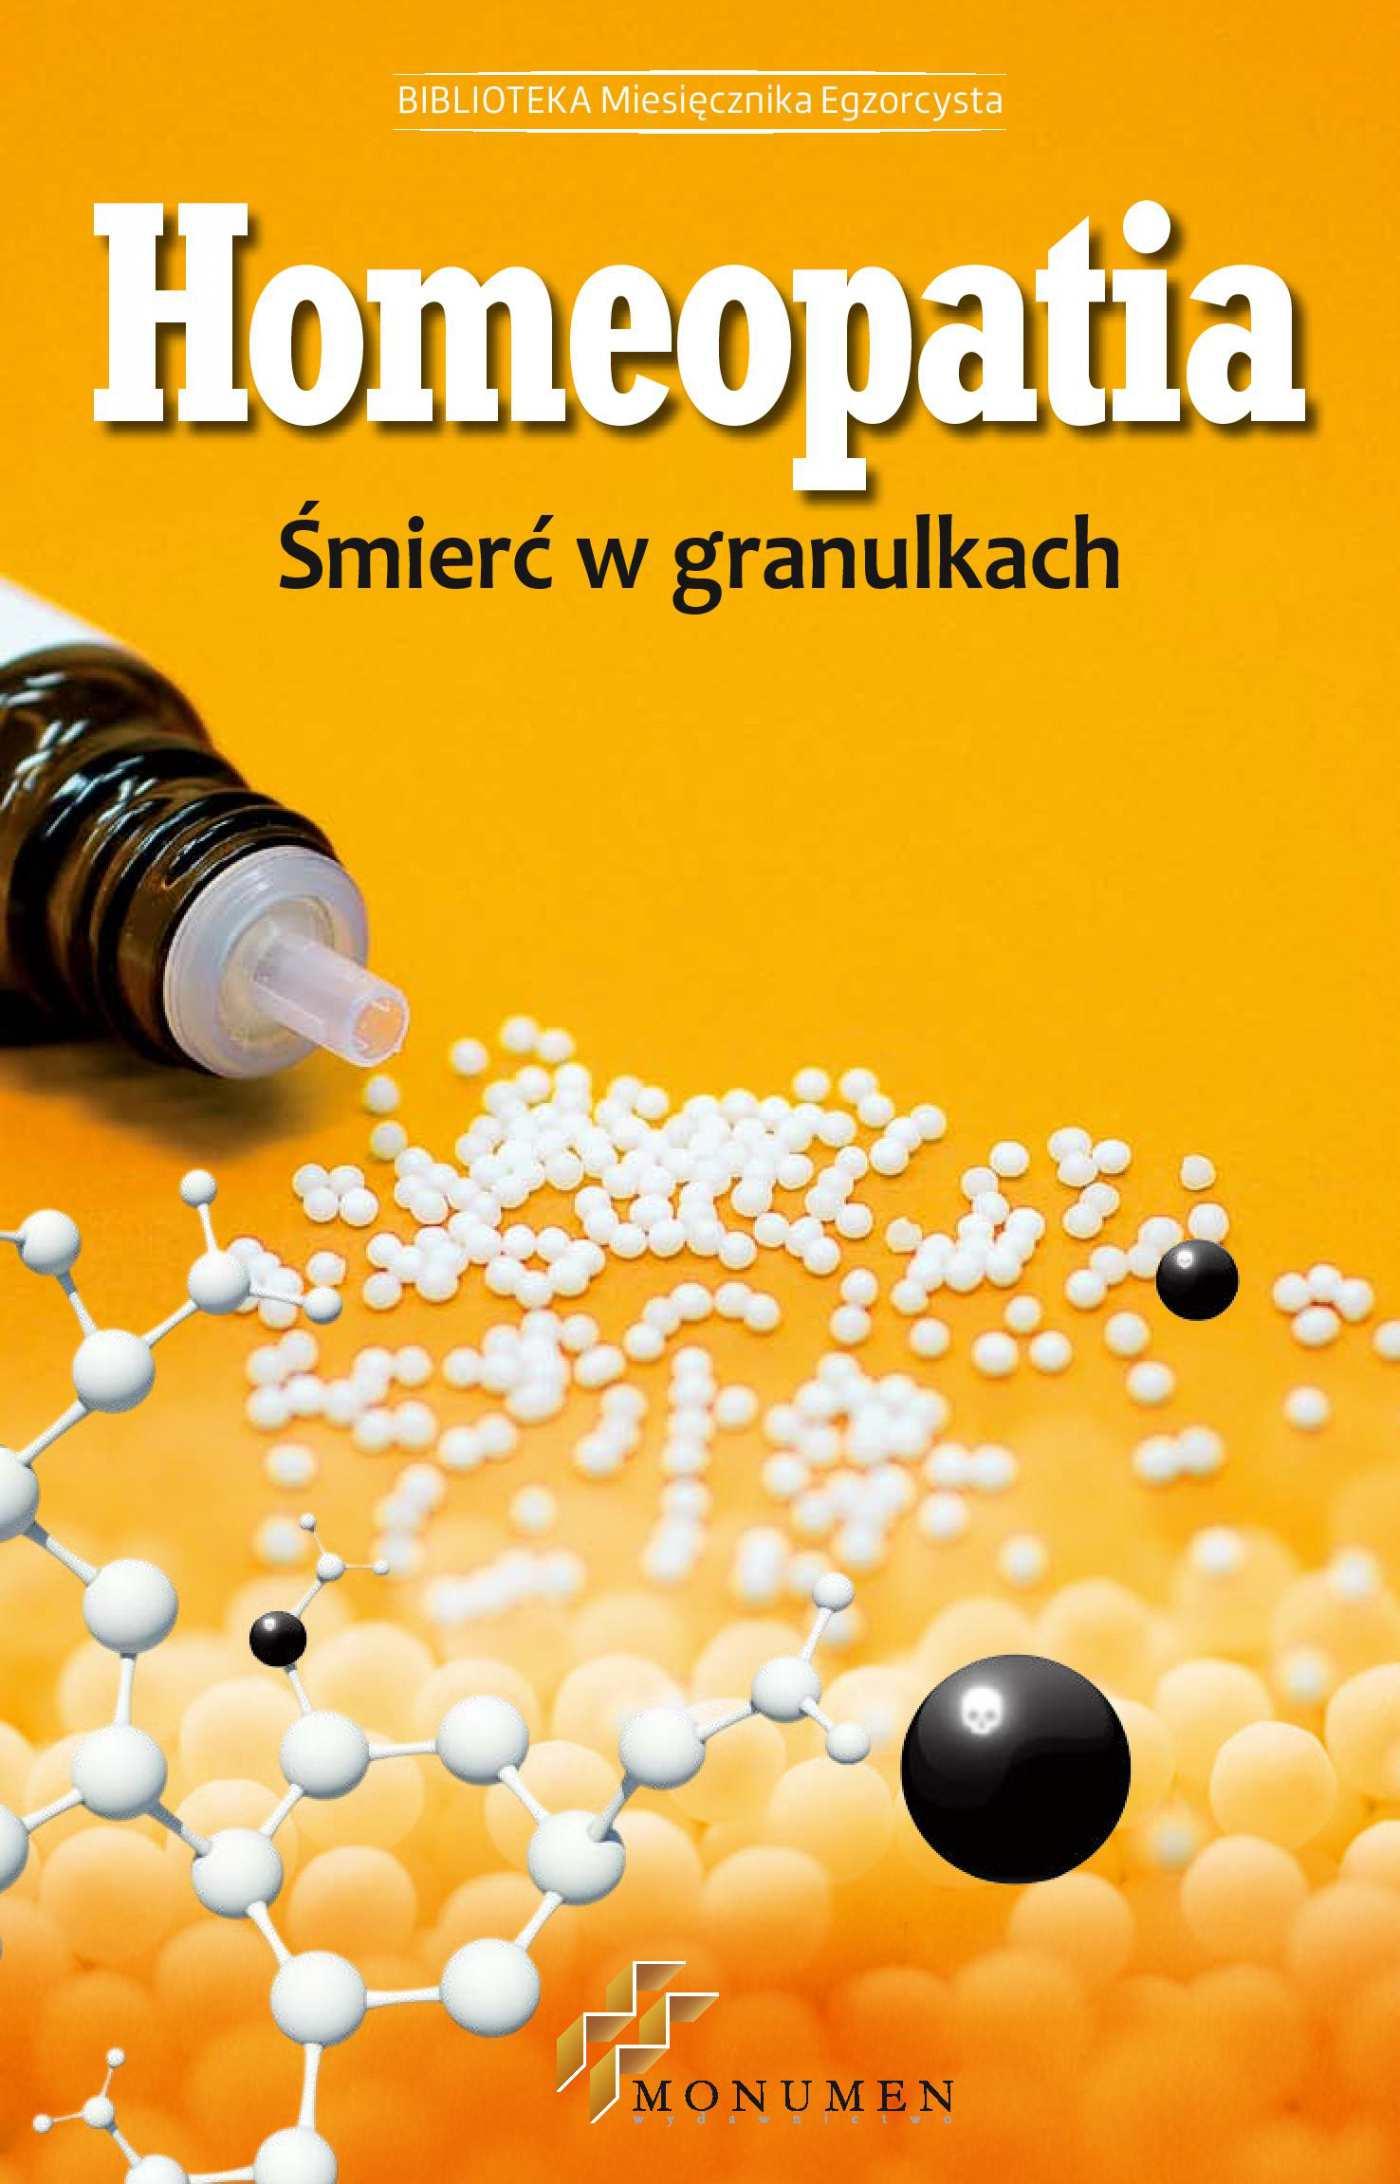 Homeopatia śmierć w granulkach - Ebook (Książka EPUB) do pobrania w formacie EPUB